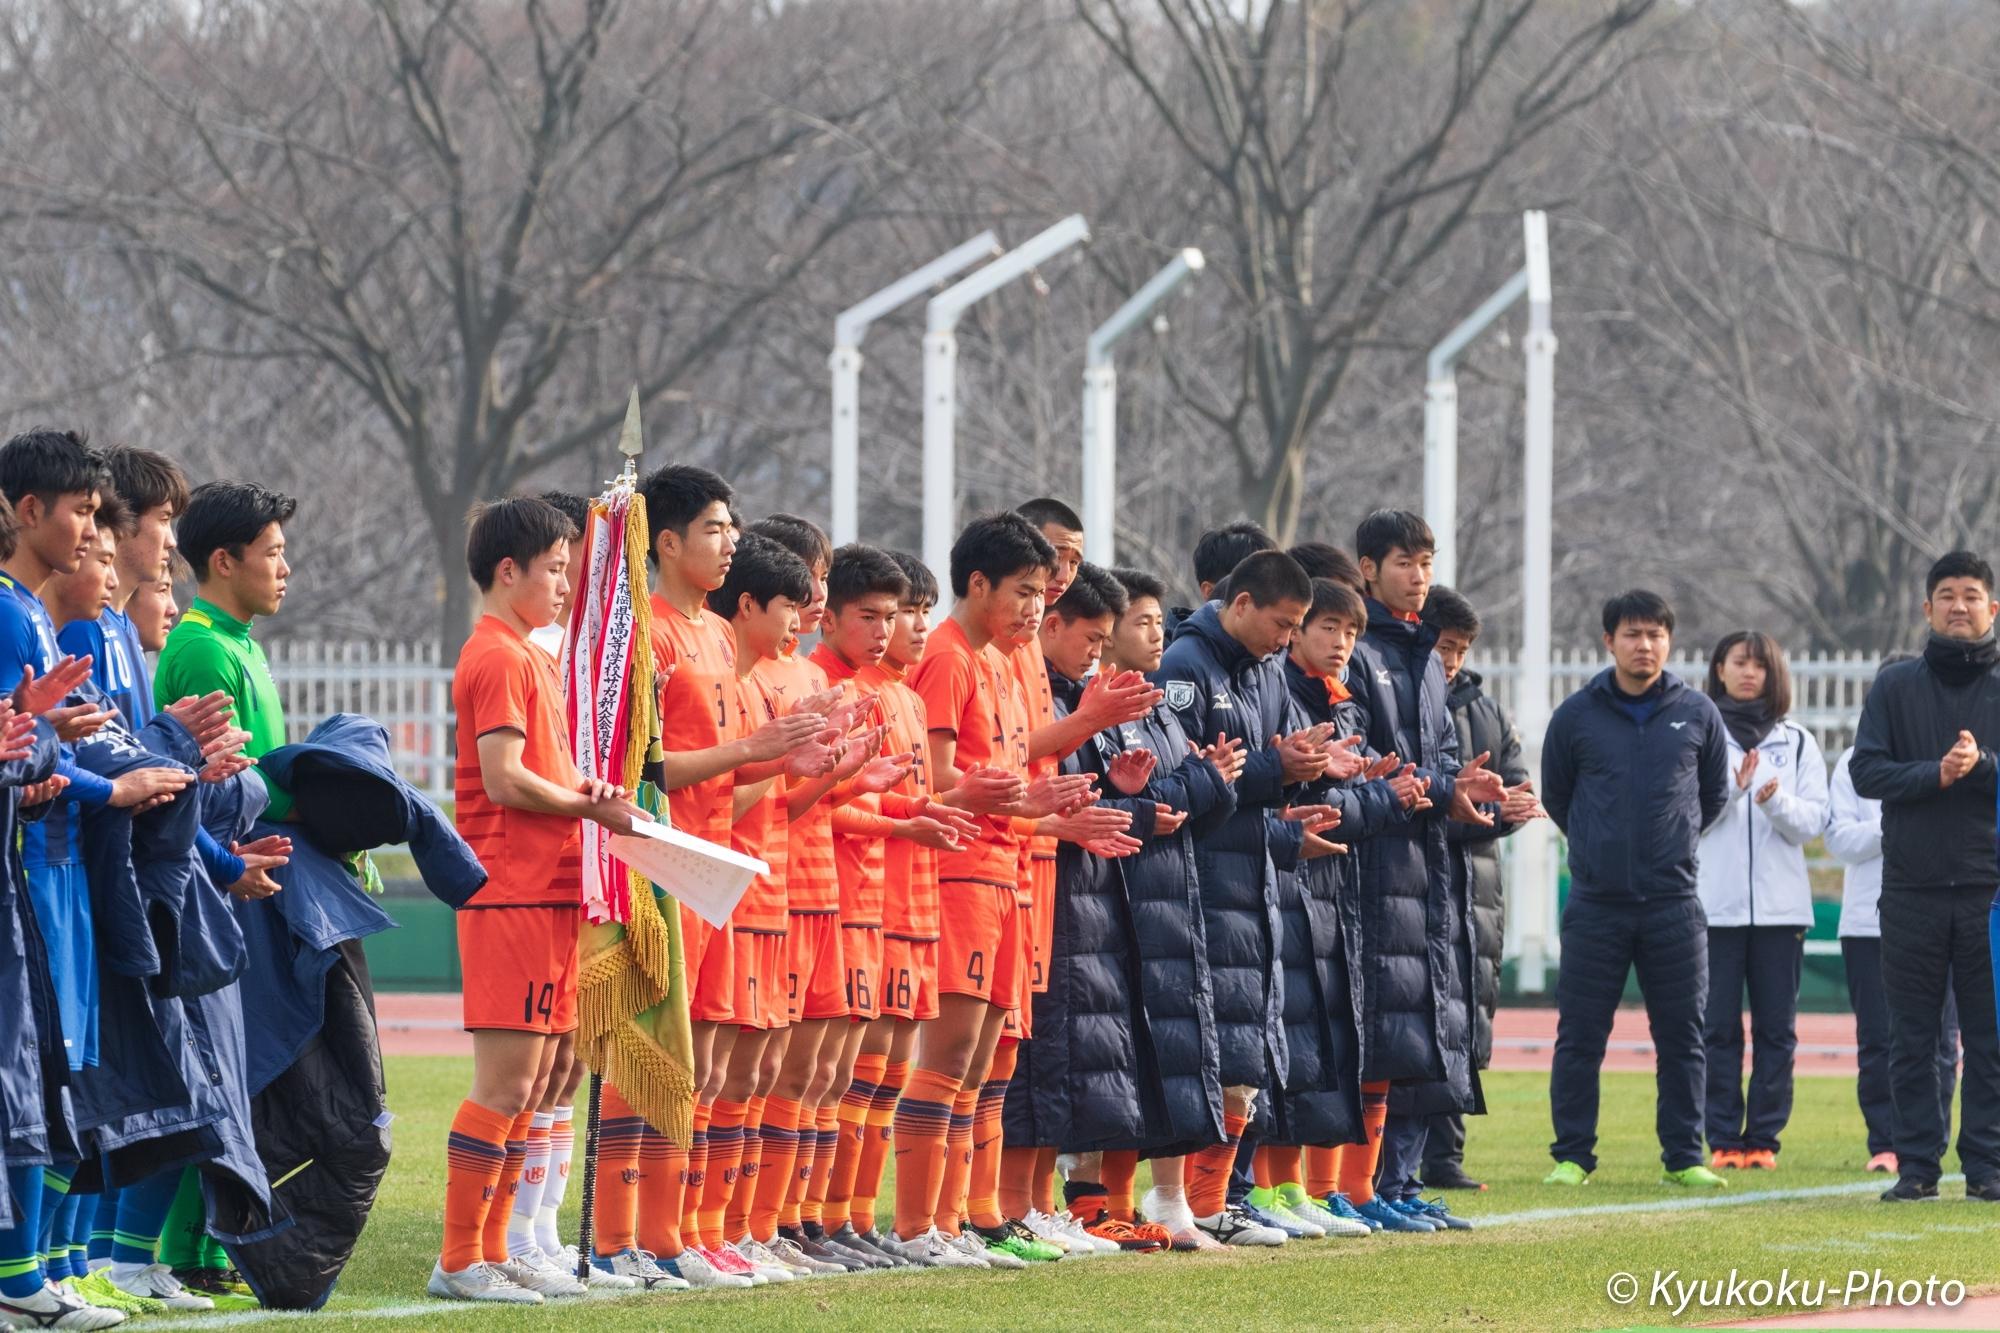 九州 国際 大学 付属 高校